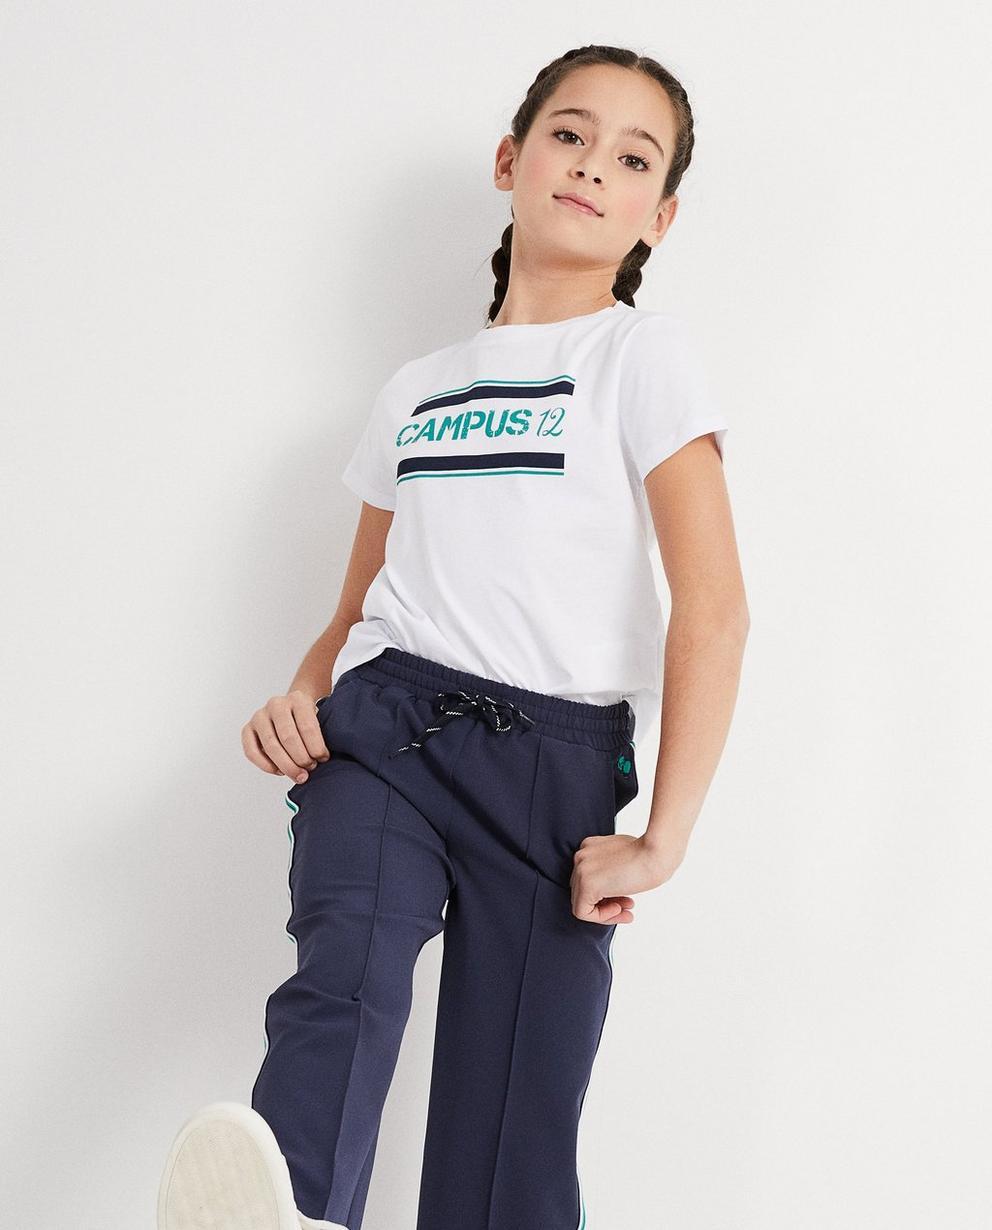 T-Shirts - Weiss - T-Shirt mit Aufschrift